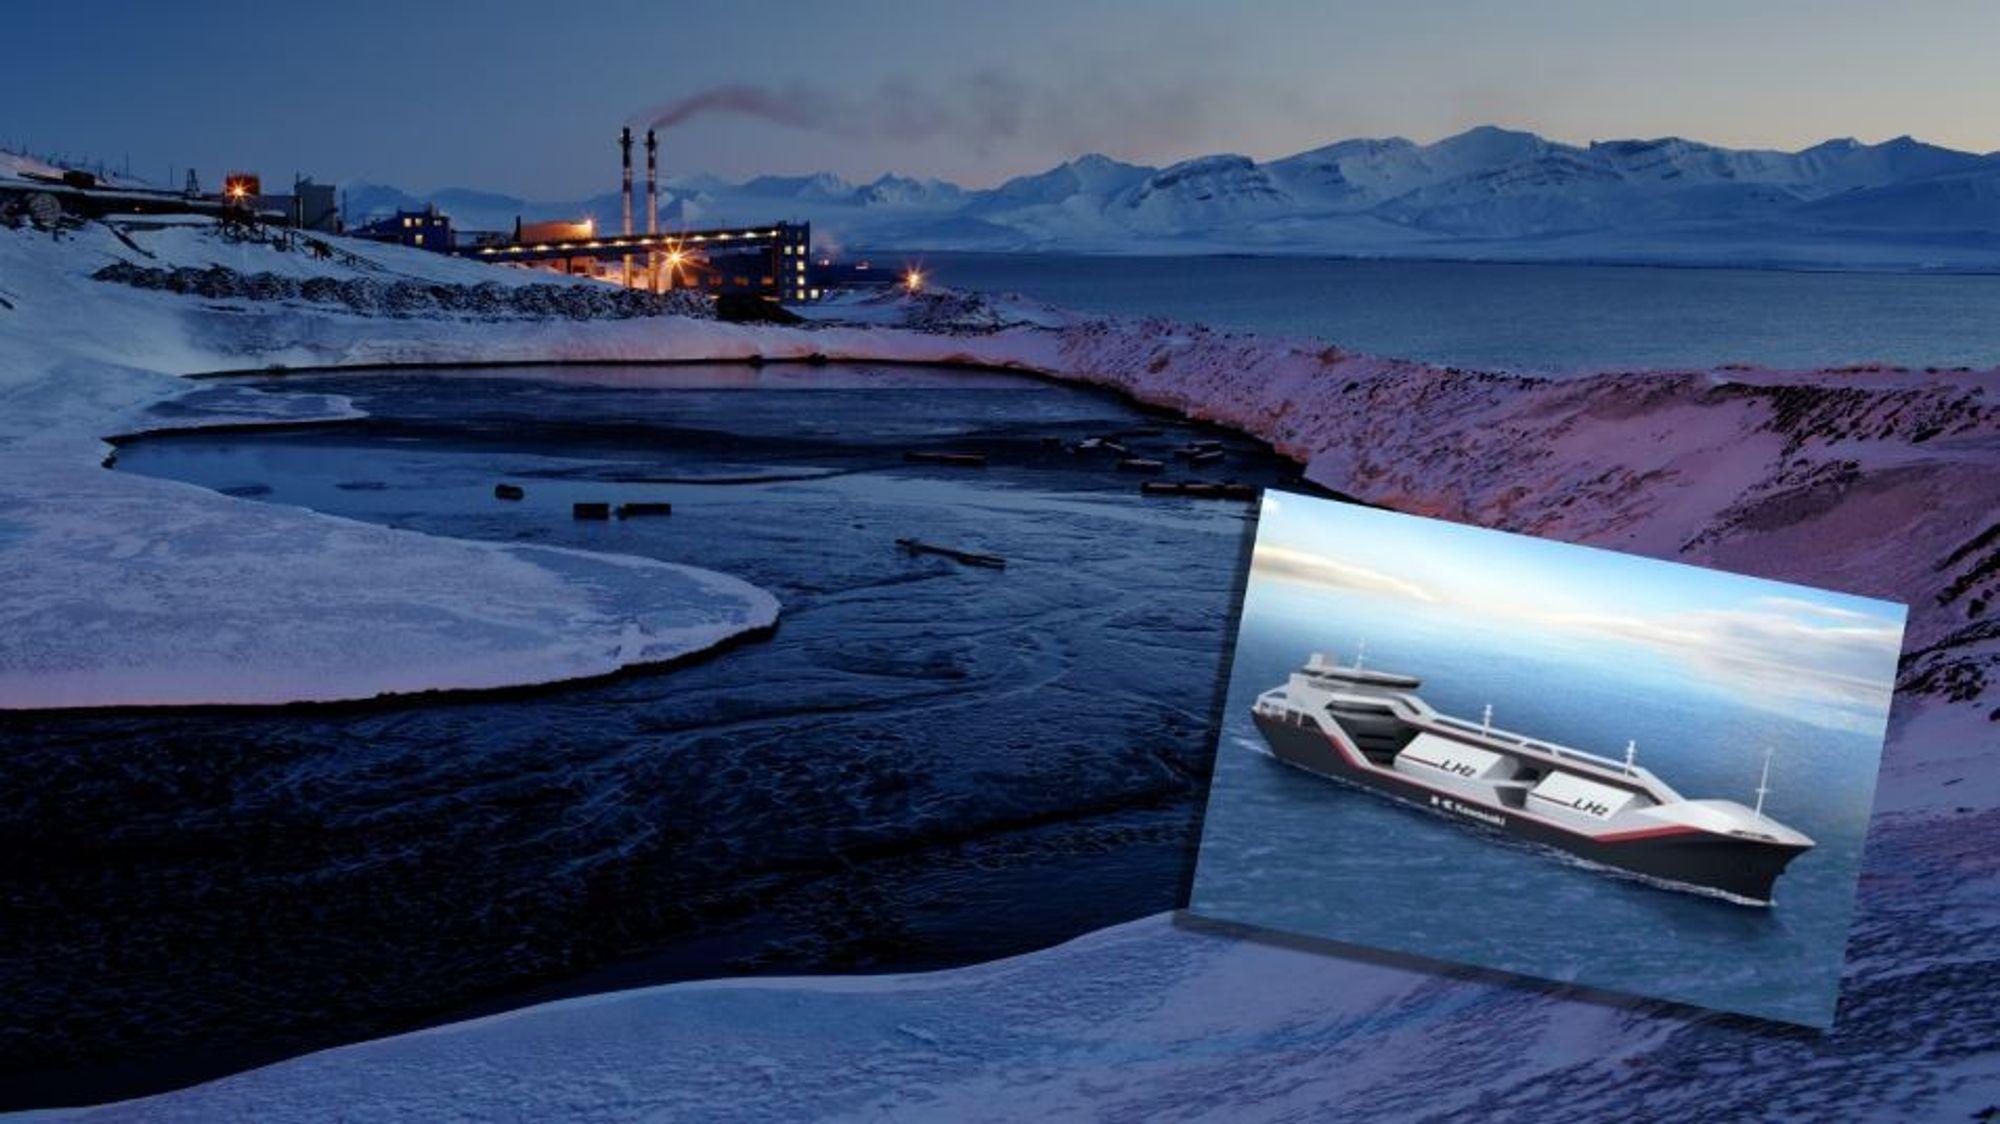 Verdens første skip for frakt av flytende hydrogen er alt under bygging. SINTEF-forskere har vurdert ulike løsninger og funnet at Svalbard, som nå får sin energi fra skittent kull, i framtida kan bli et nullutslippssamfunn med hydrogen skipet inn fra fastlandet.